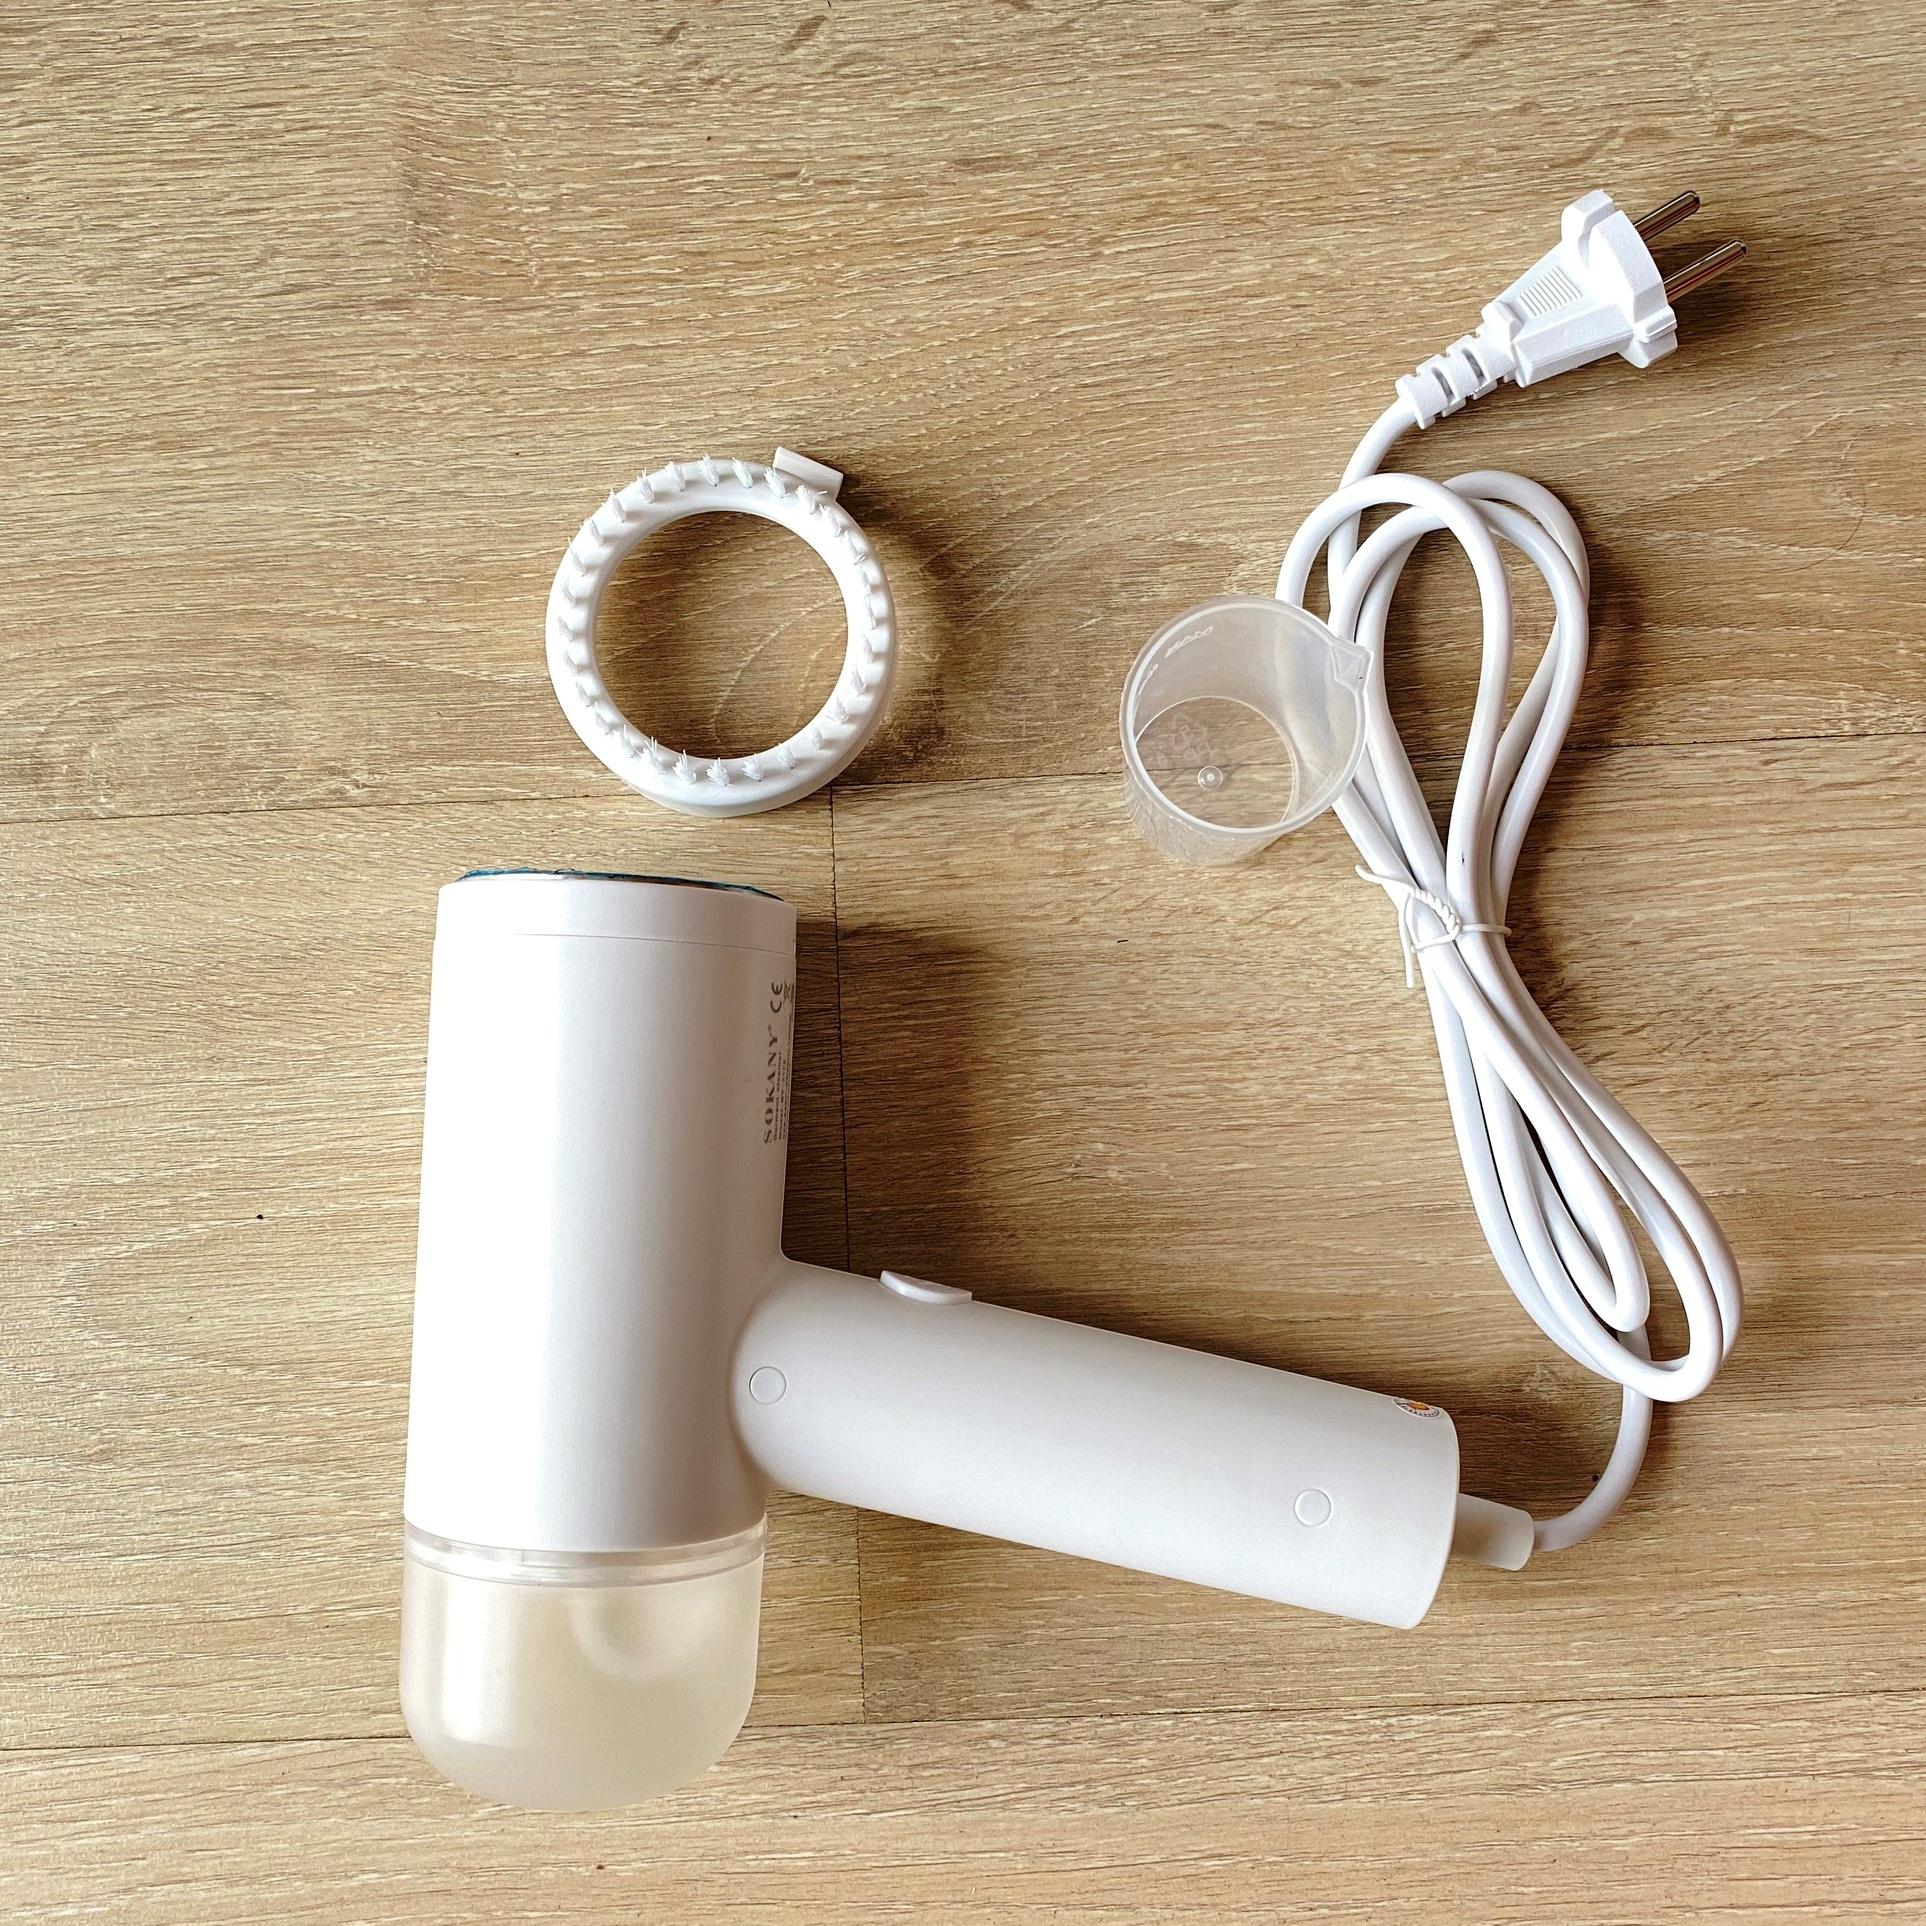 Bàn ủi hơi nước cần tay Sokany BY-2178 - Hàng chính hãng